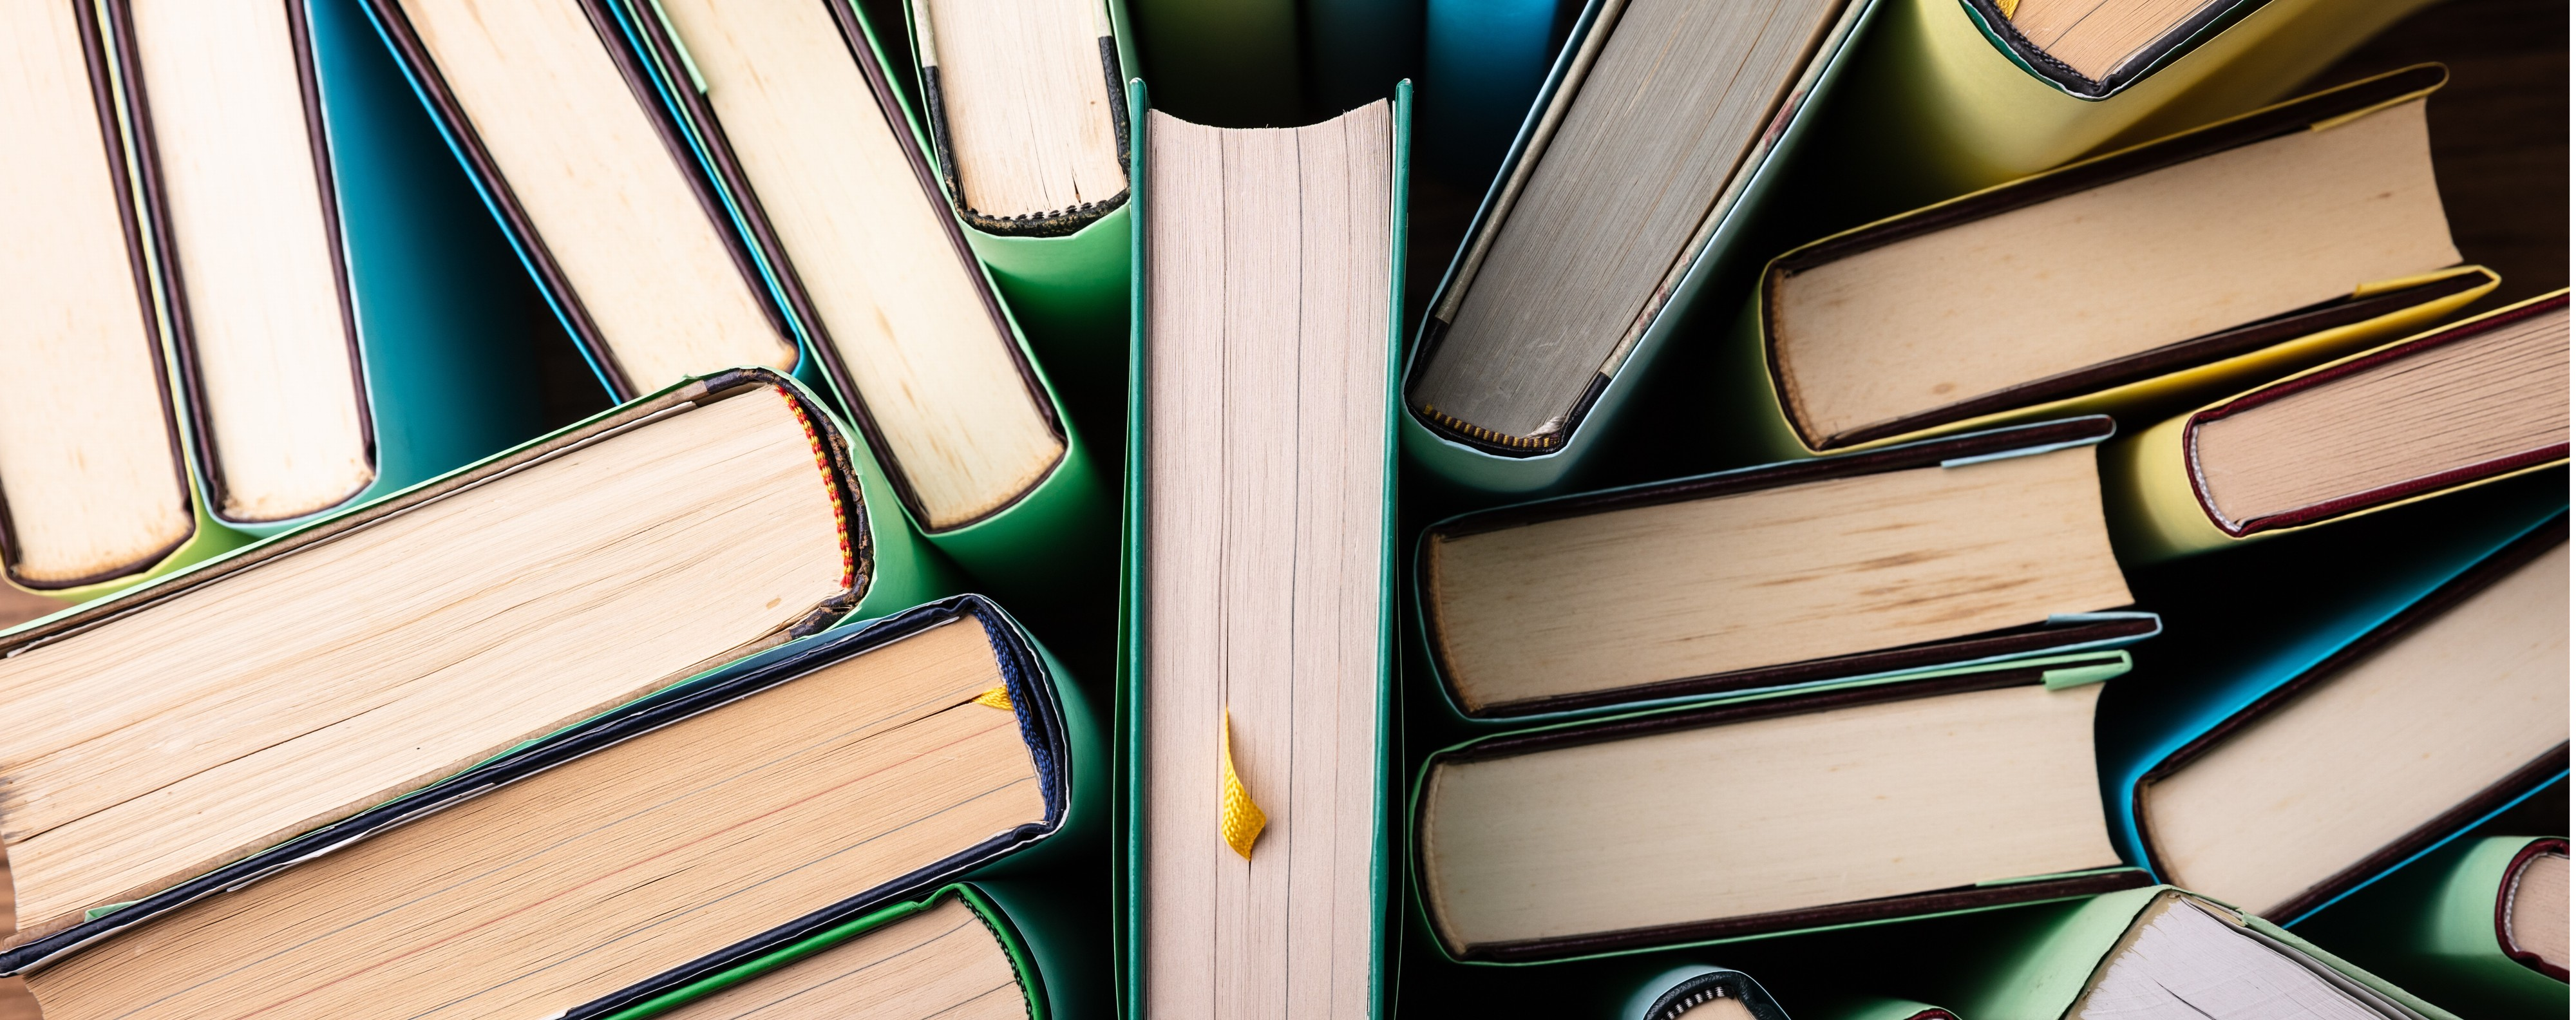 The best books of 2018 – Haruki Murakami, Keigo Higashino